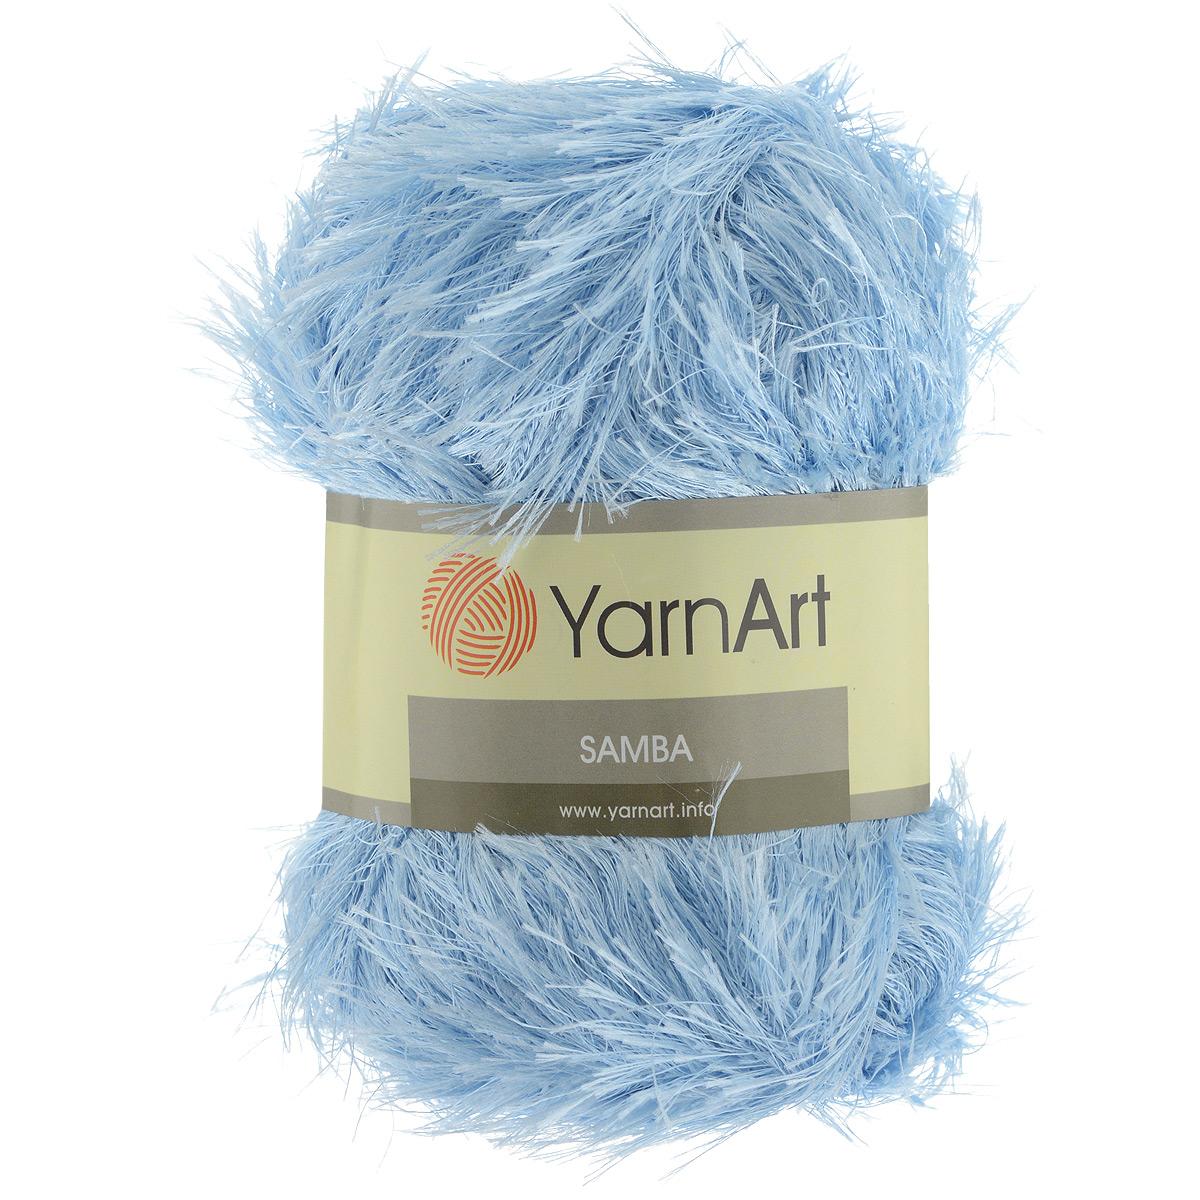 Пряжа для вязания YarnArt Samba, цвет: голубой (2029), 150 м, 100 г, 5 шт372009_2029Пряжа для вязания YarnArt Samba, изготовленная из 100% полиэстера, представляет собой яркий пример отделочной нити, с помощью которой можно придать оригинальность и красоту каждому изделию. Из такой пряжи великолепно получаются коврики и пледы, чехлы для мебели, шарфы, палантины, болеро, жилеты и многие другие изделия. Подходит для вязания на спицах и крючках 5,5 мм. Состав: 100% полиэстер. Комплектация: 5 шт.